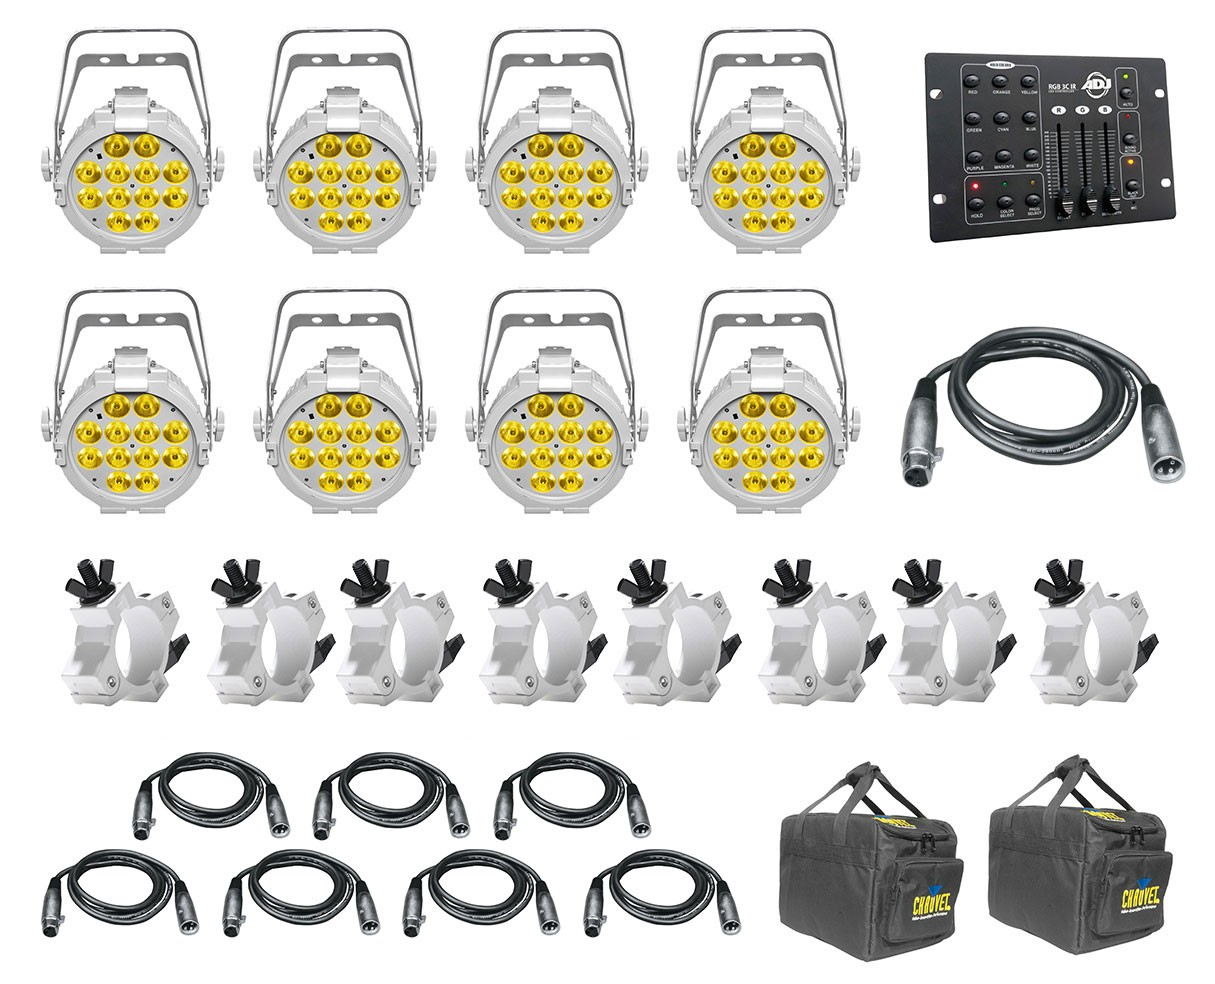 8x CHAUVET DJ SlimPAR Pro W USB White + Bags + Clamps + Controller + Cables